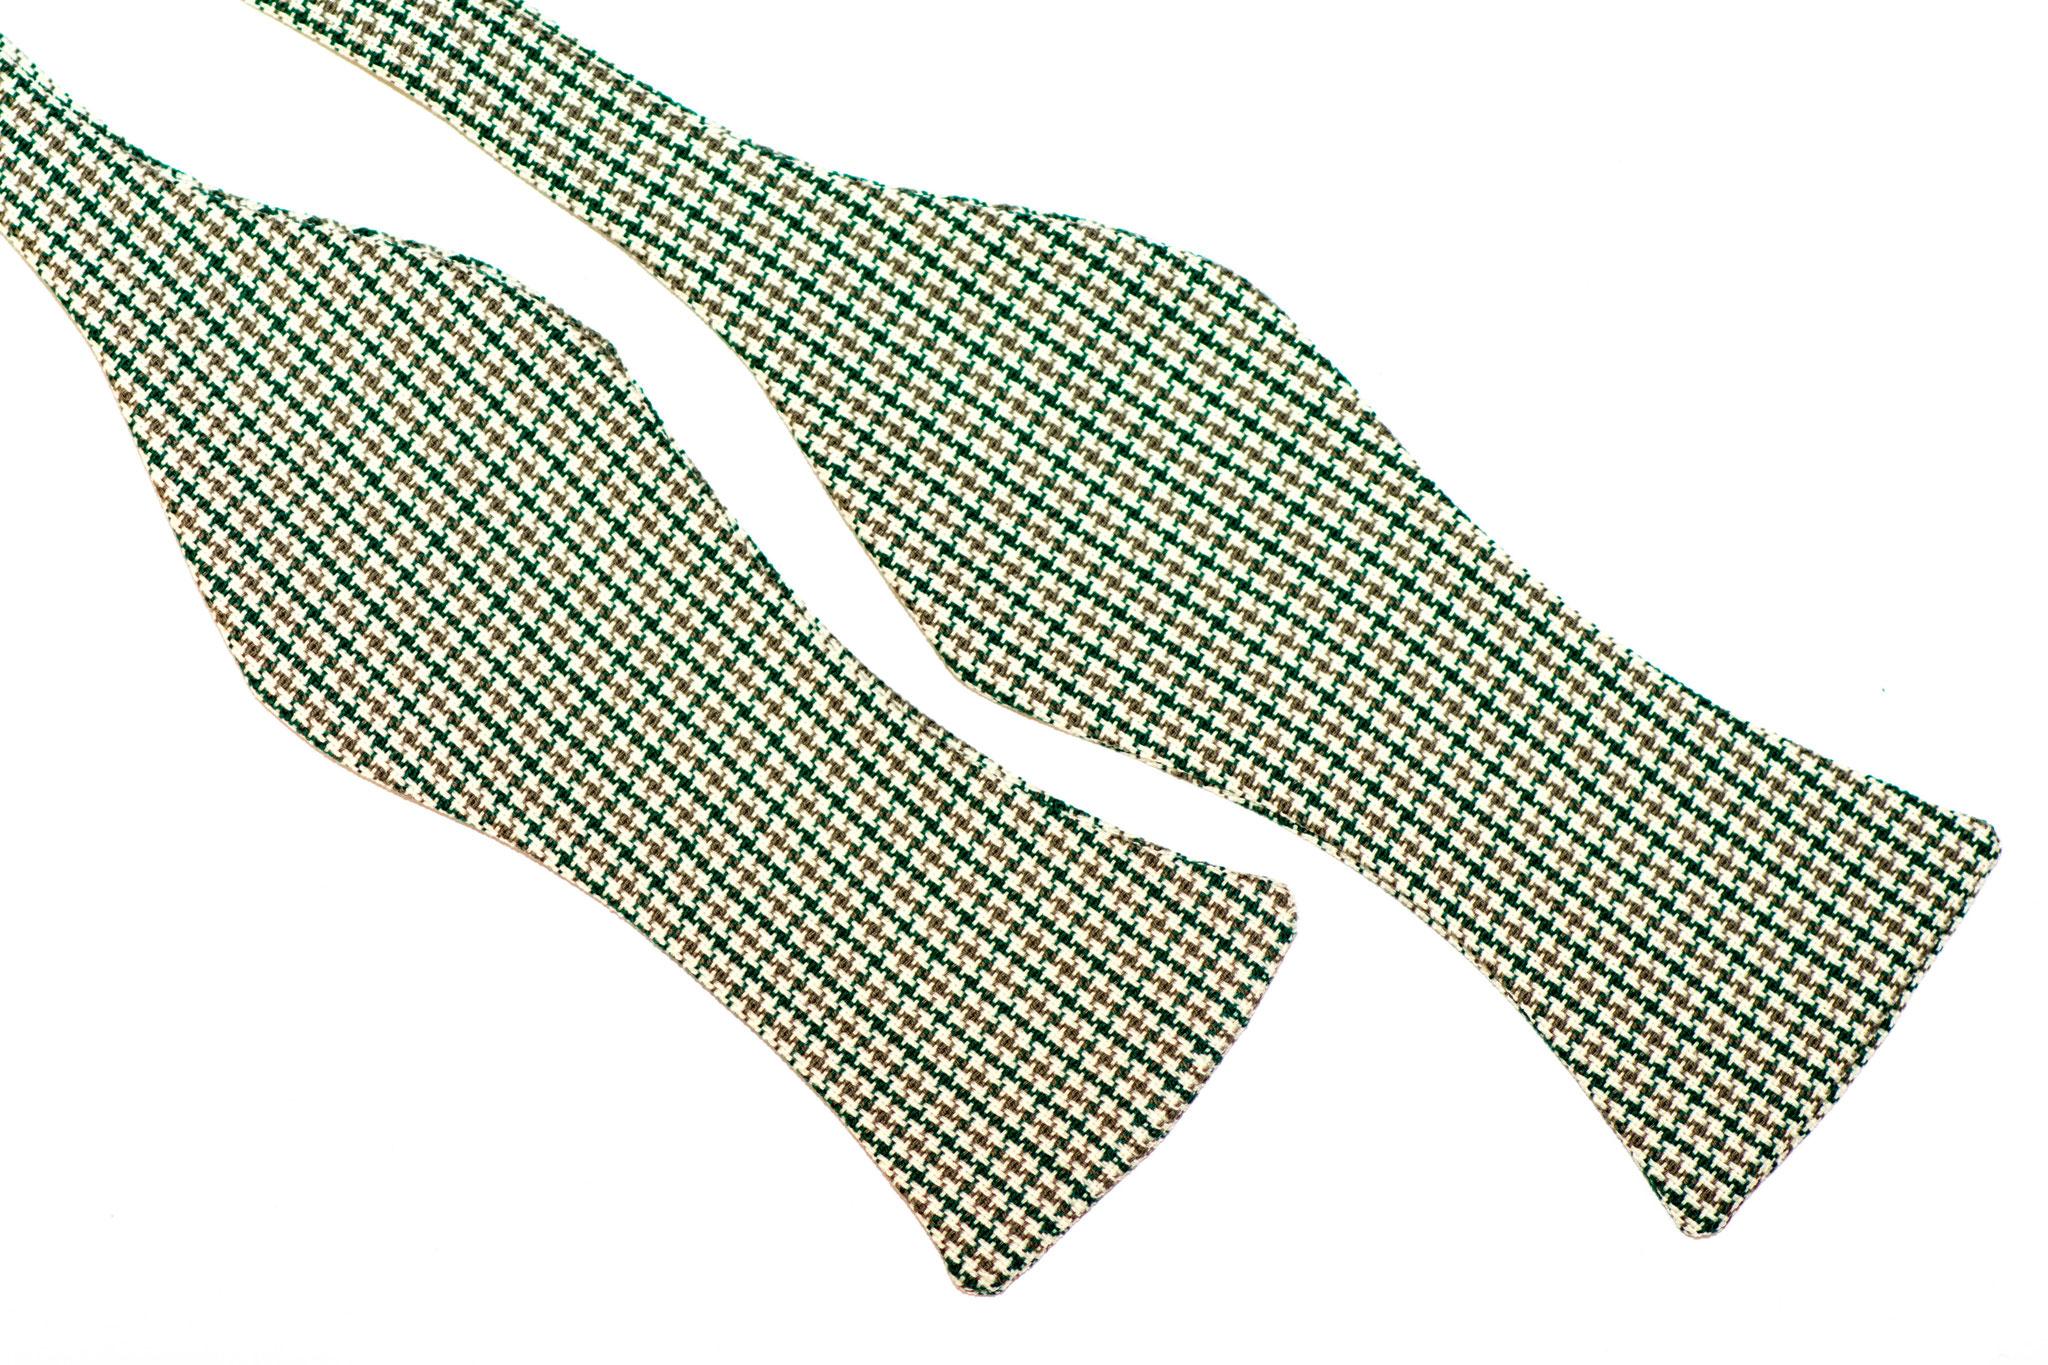 Herren Anzug Schleife grün - beige - weiß mit Muster zum selberbinden – Selbstbinder